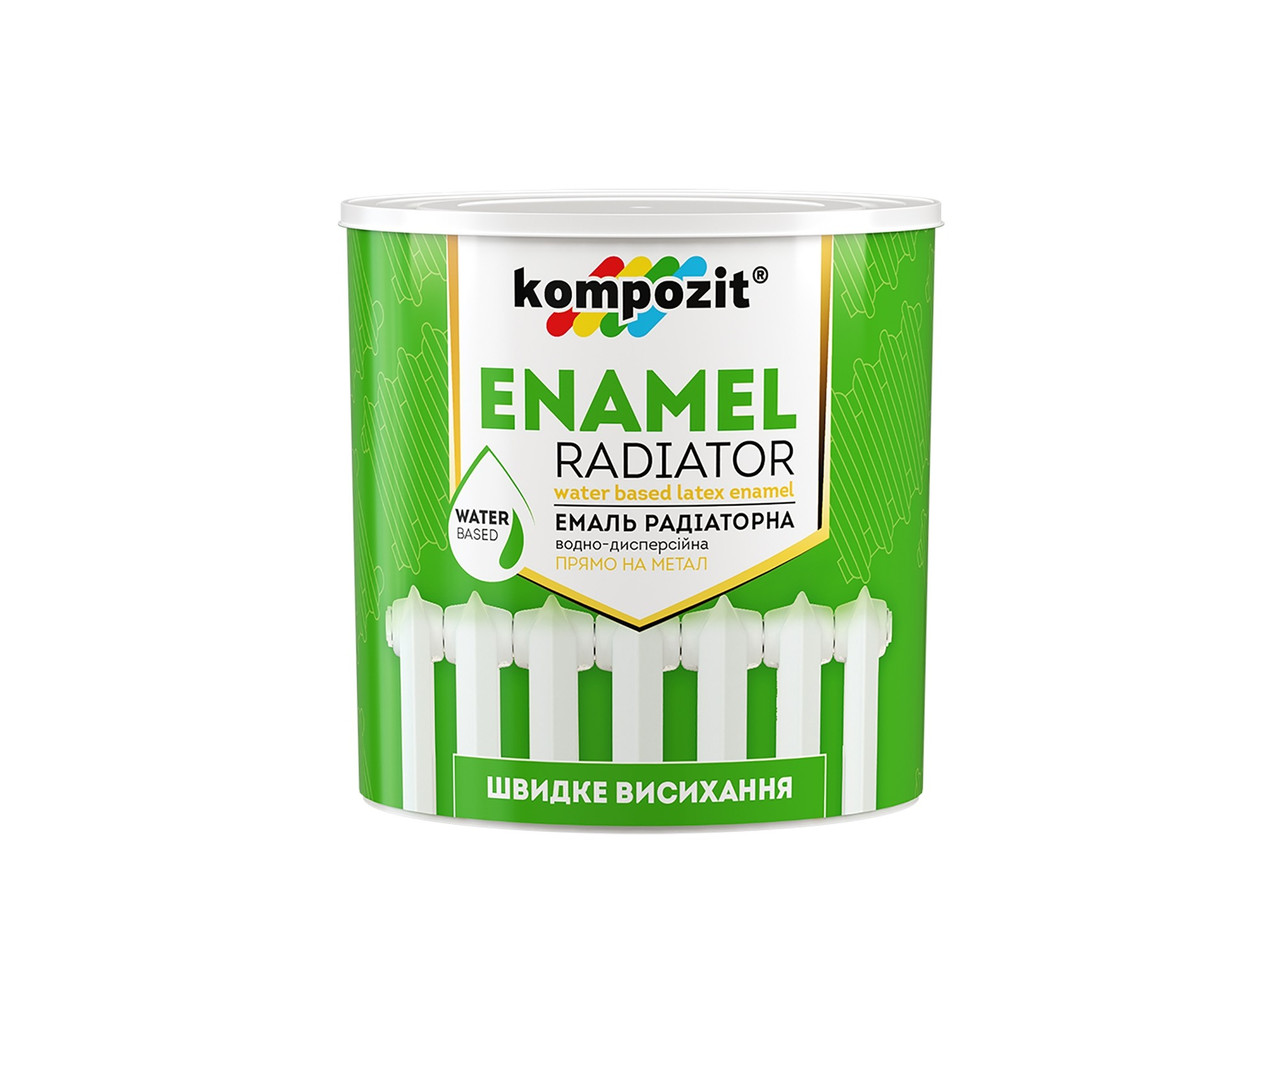 Акриловая радиаторная эмаль Kompozit 0.75л